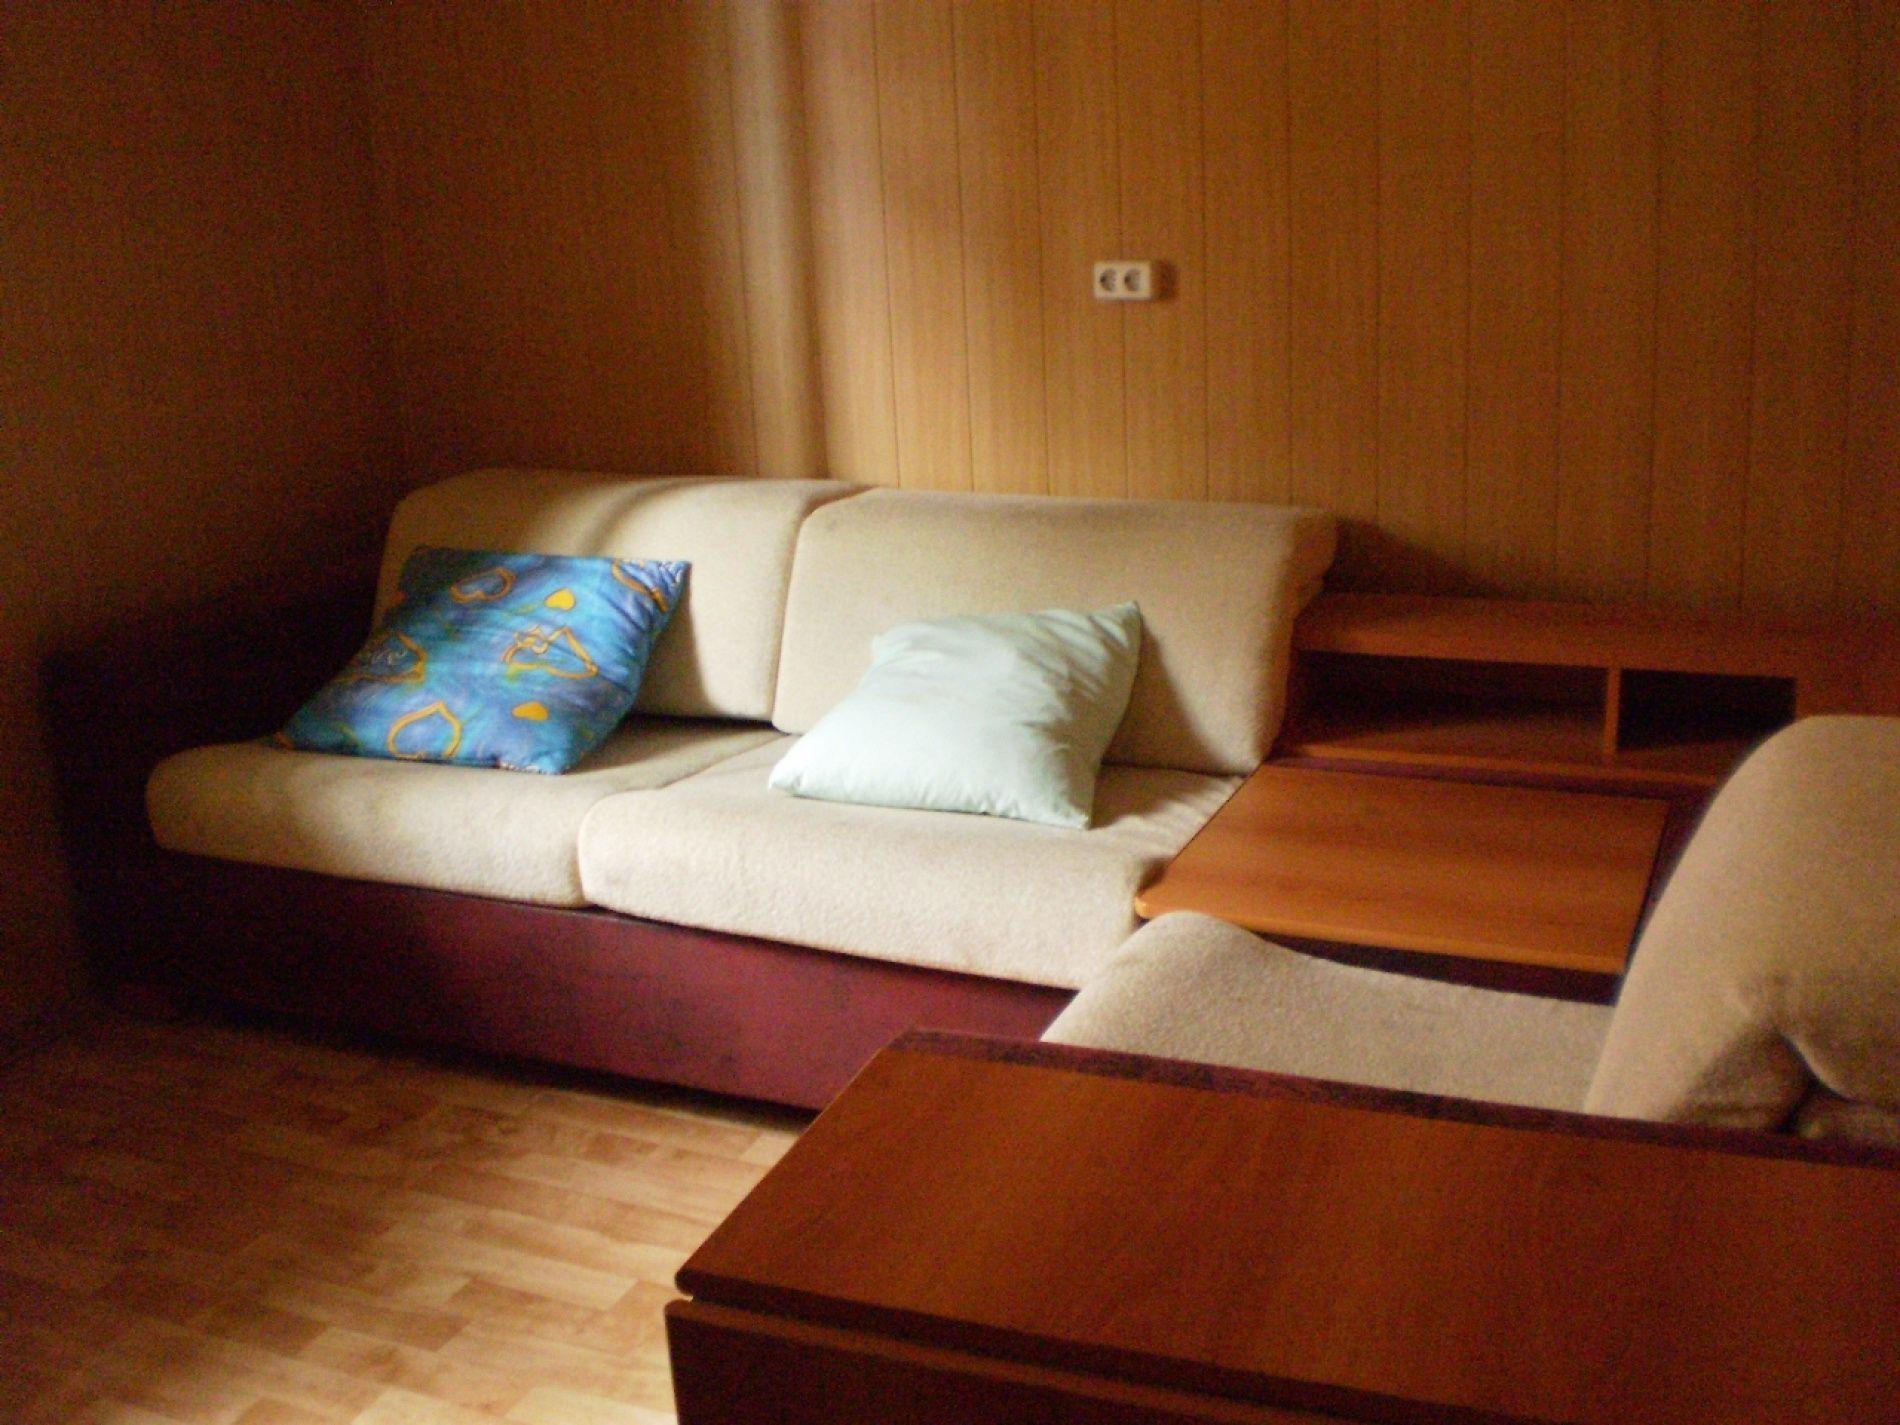 """База отдыха """"Гринта"""" (быв. Квинта) Челябинская область Двухэтажный 3-х комнатный коттедж с видом на озеро № 7, 8, 9 (вторая линия), фото 2"""